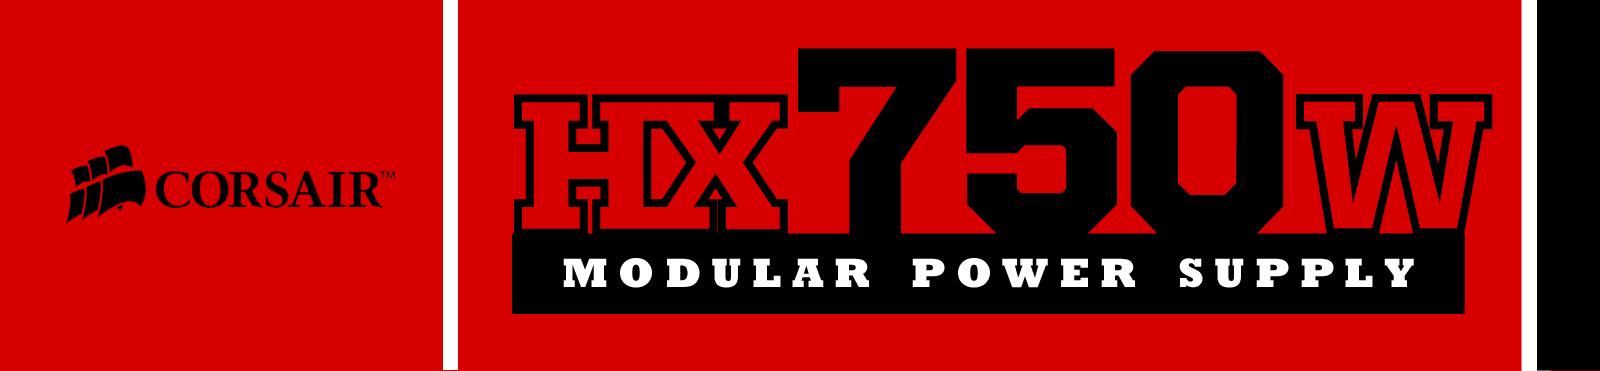 corsair_tx_750_psu_sticker_by_jammo2k5-d47c62x.jpg